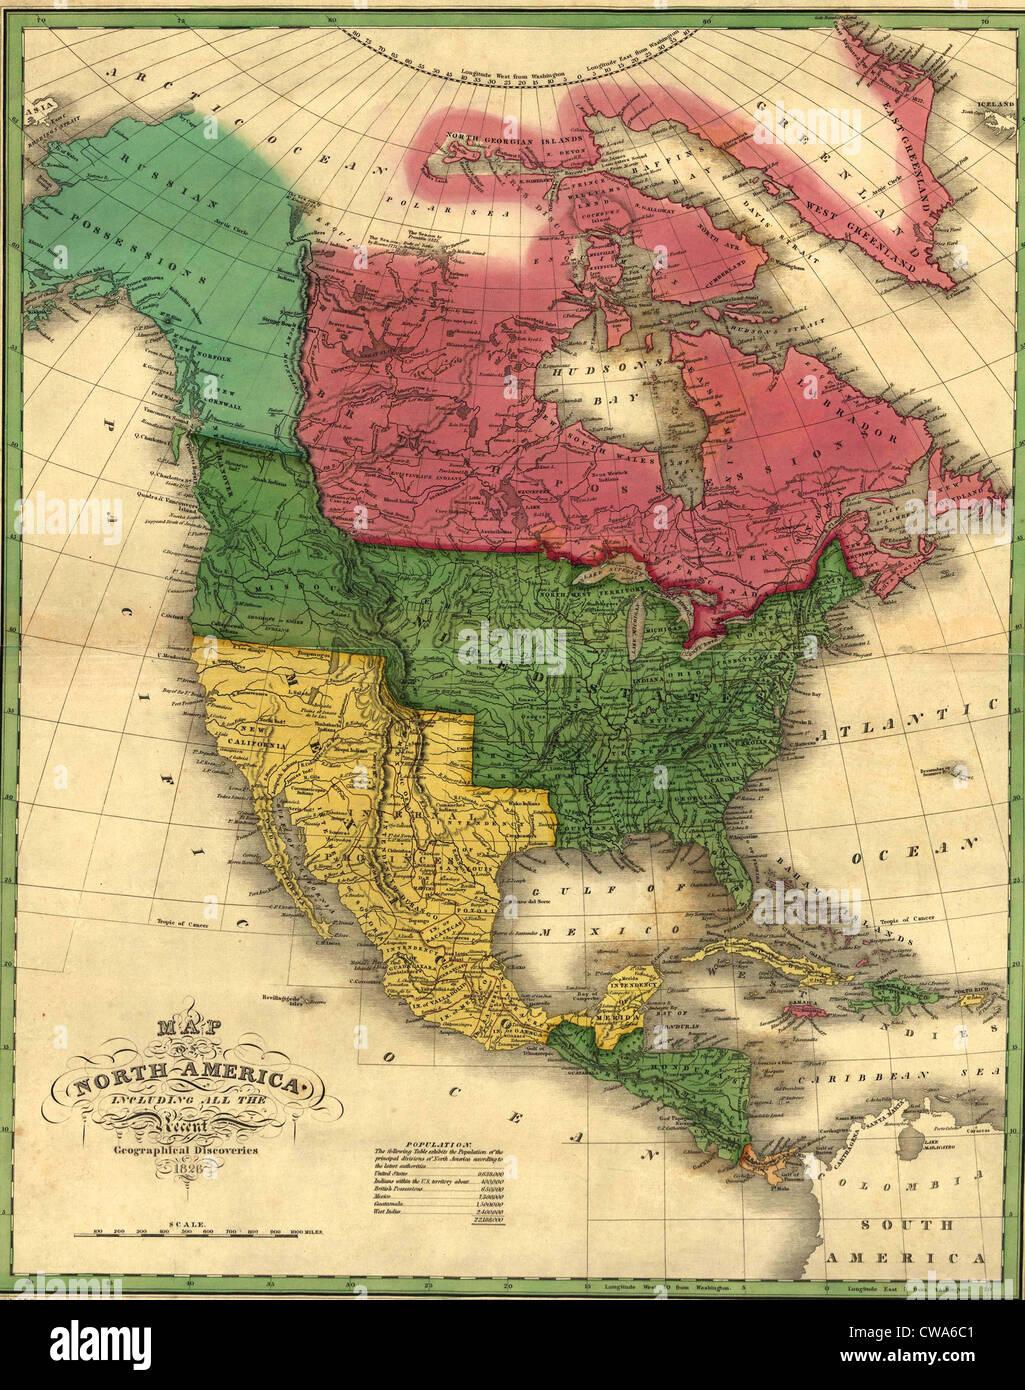 Louisiana Territory Stock Photos  Louisiana Territory Stock - Map of america after louisiana purchase